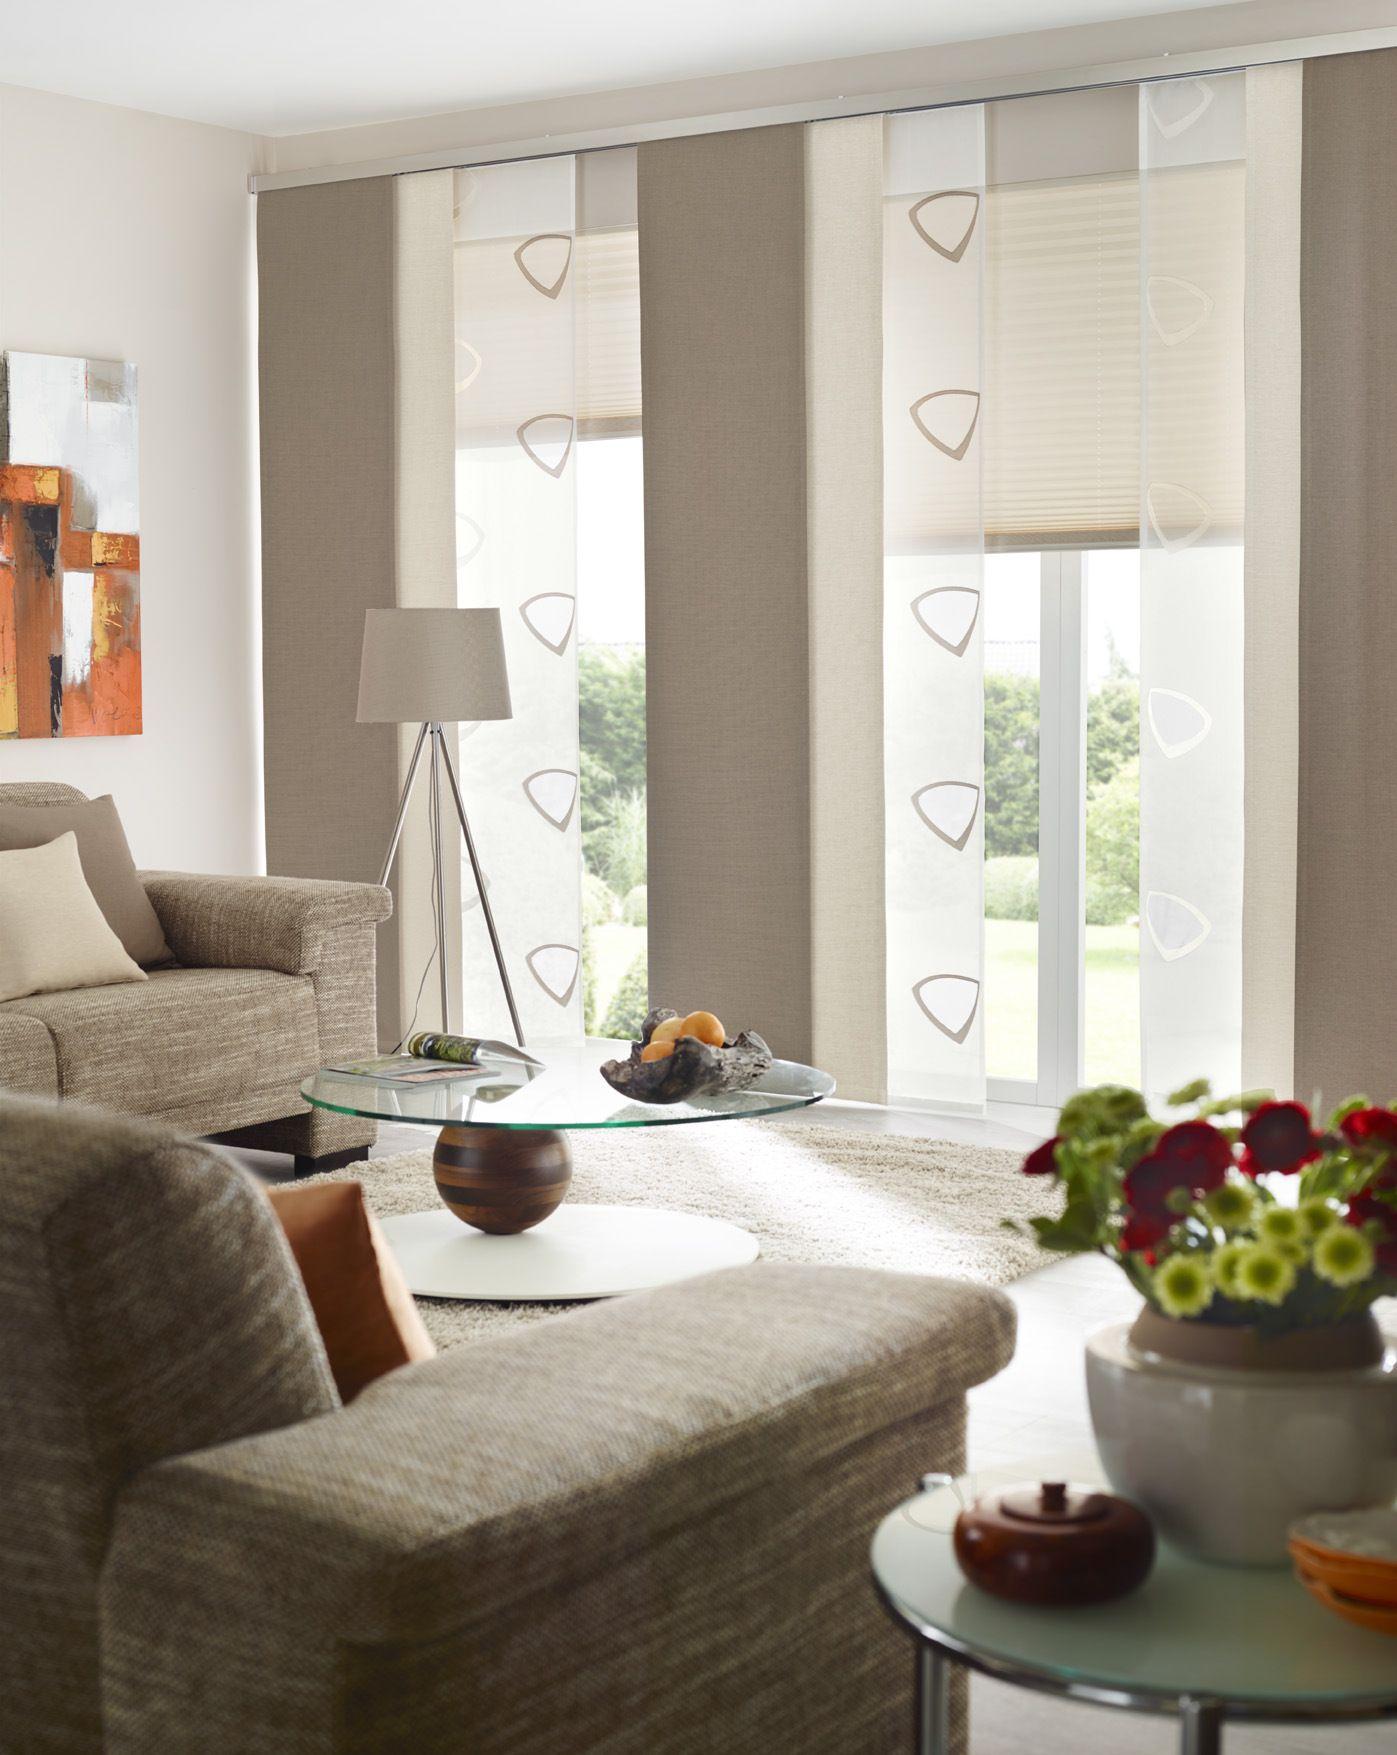 Full Size of Fenster Urbansteel Schlafzimmer Vorhänge Küche Holz Modern Weiss Bett Design Modernes 180x200 Moderne Bilder Fürs Wohnzimmer Esstisch Landhausküche Wohnzimmer Modern Vorhänge